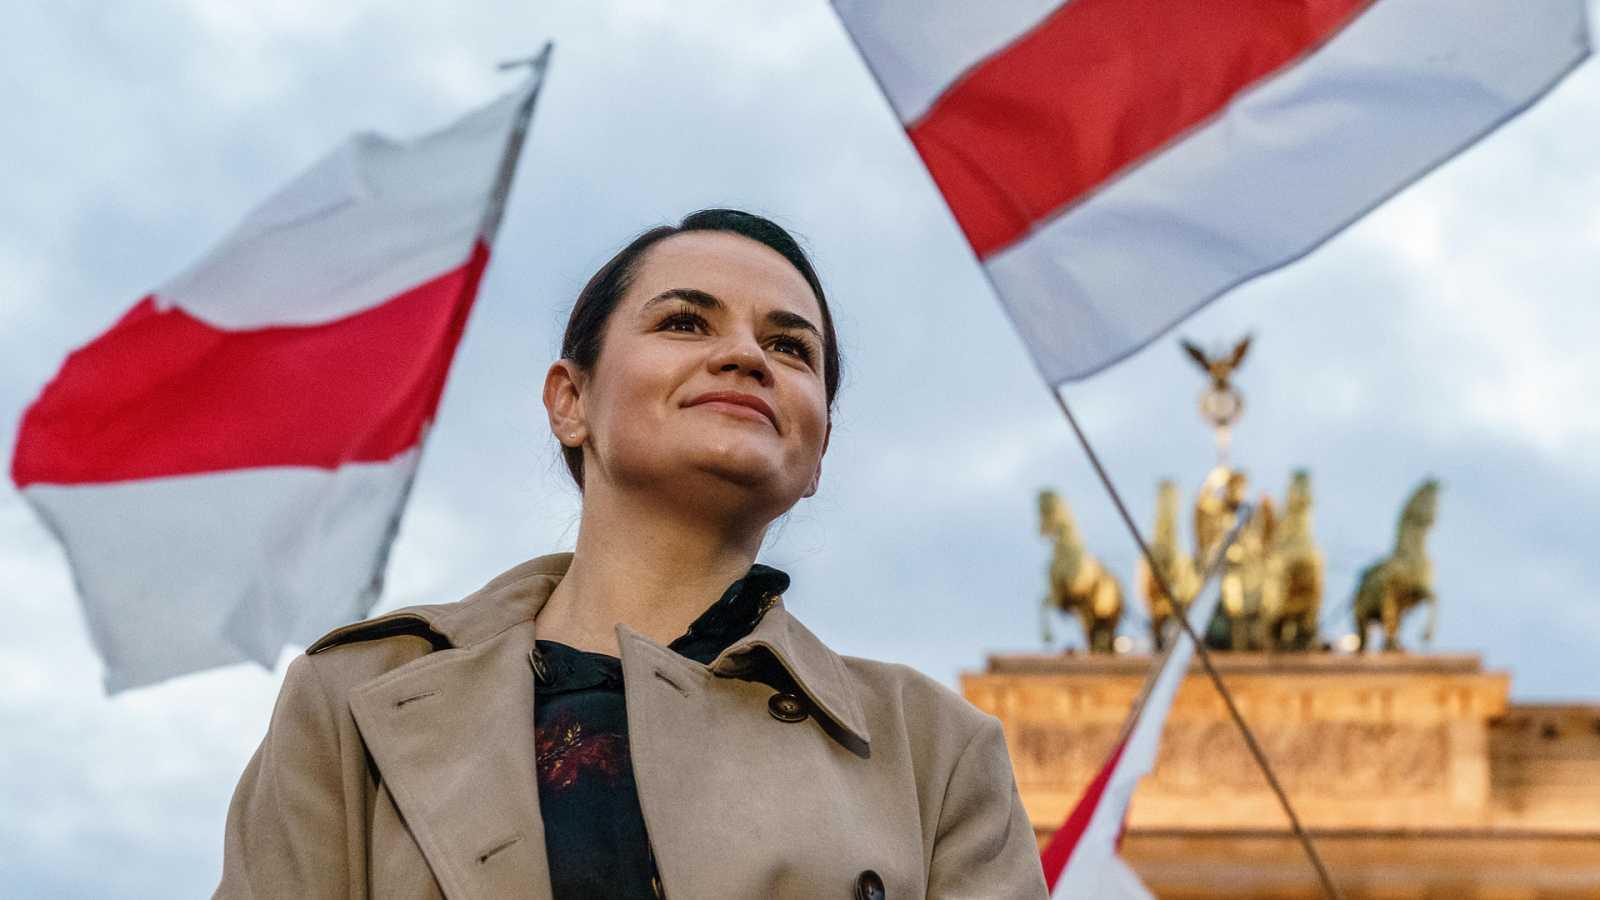 Europa abierta - Premio Sájarov a la Libertad de Conciencia a la oposición de Bielorrusia